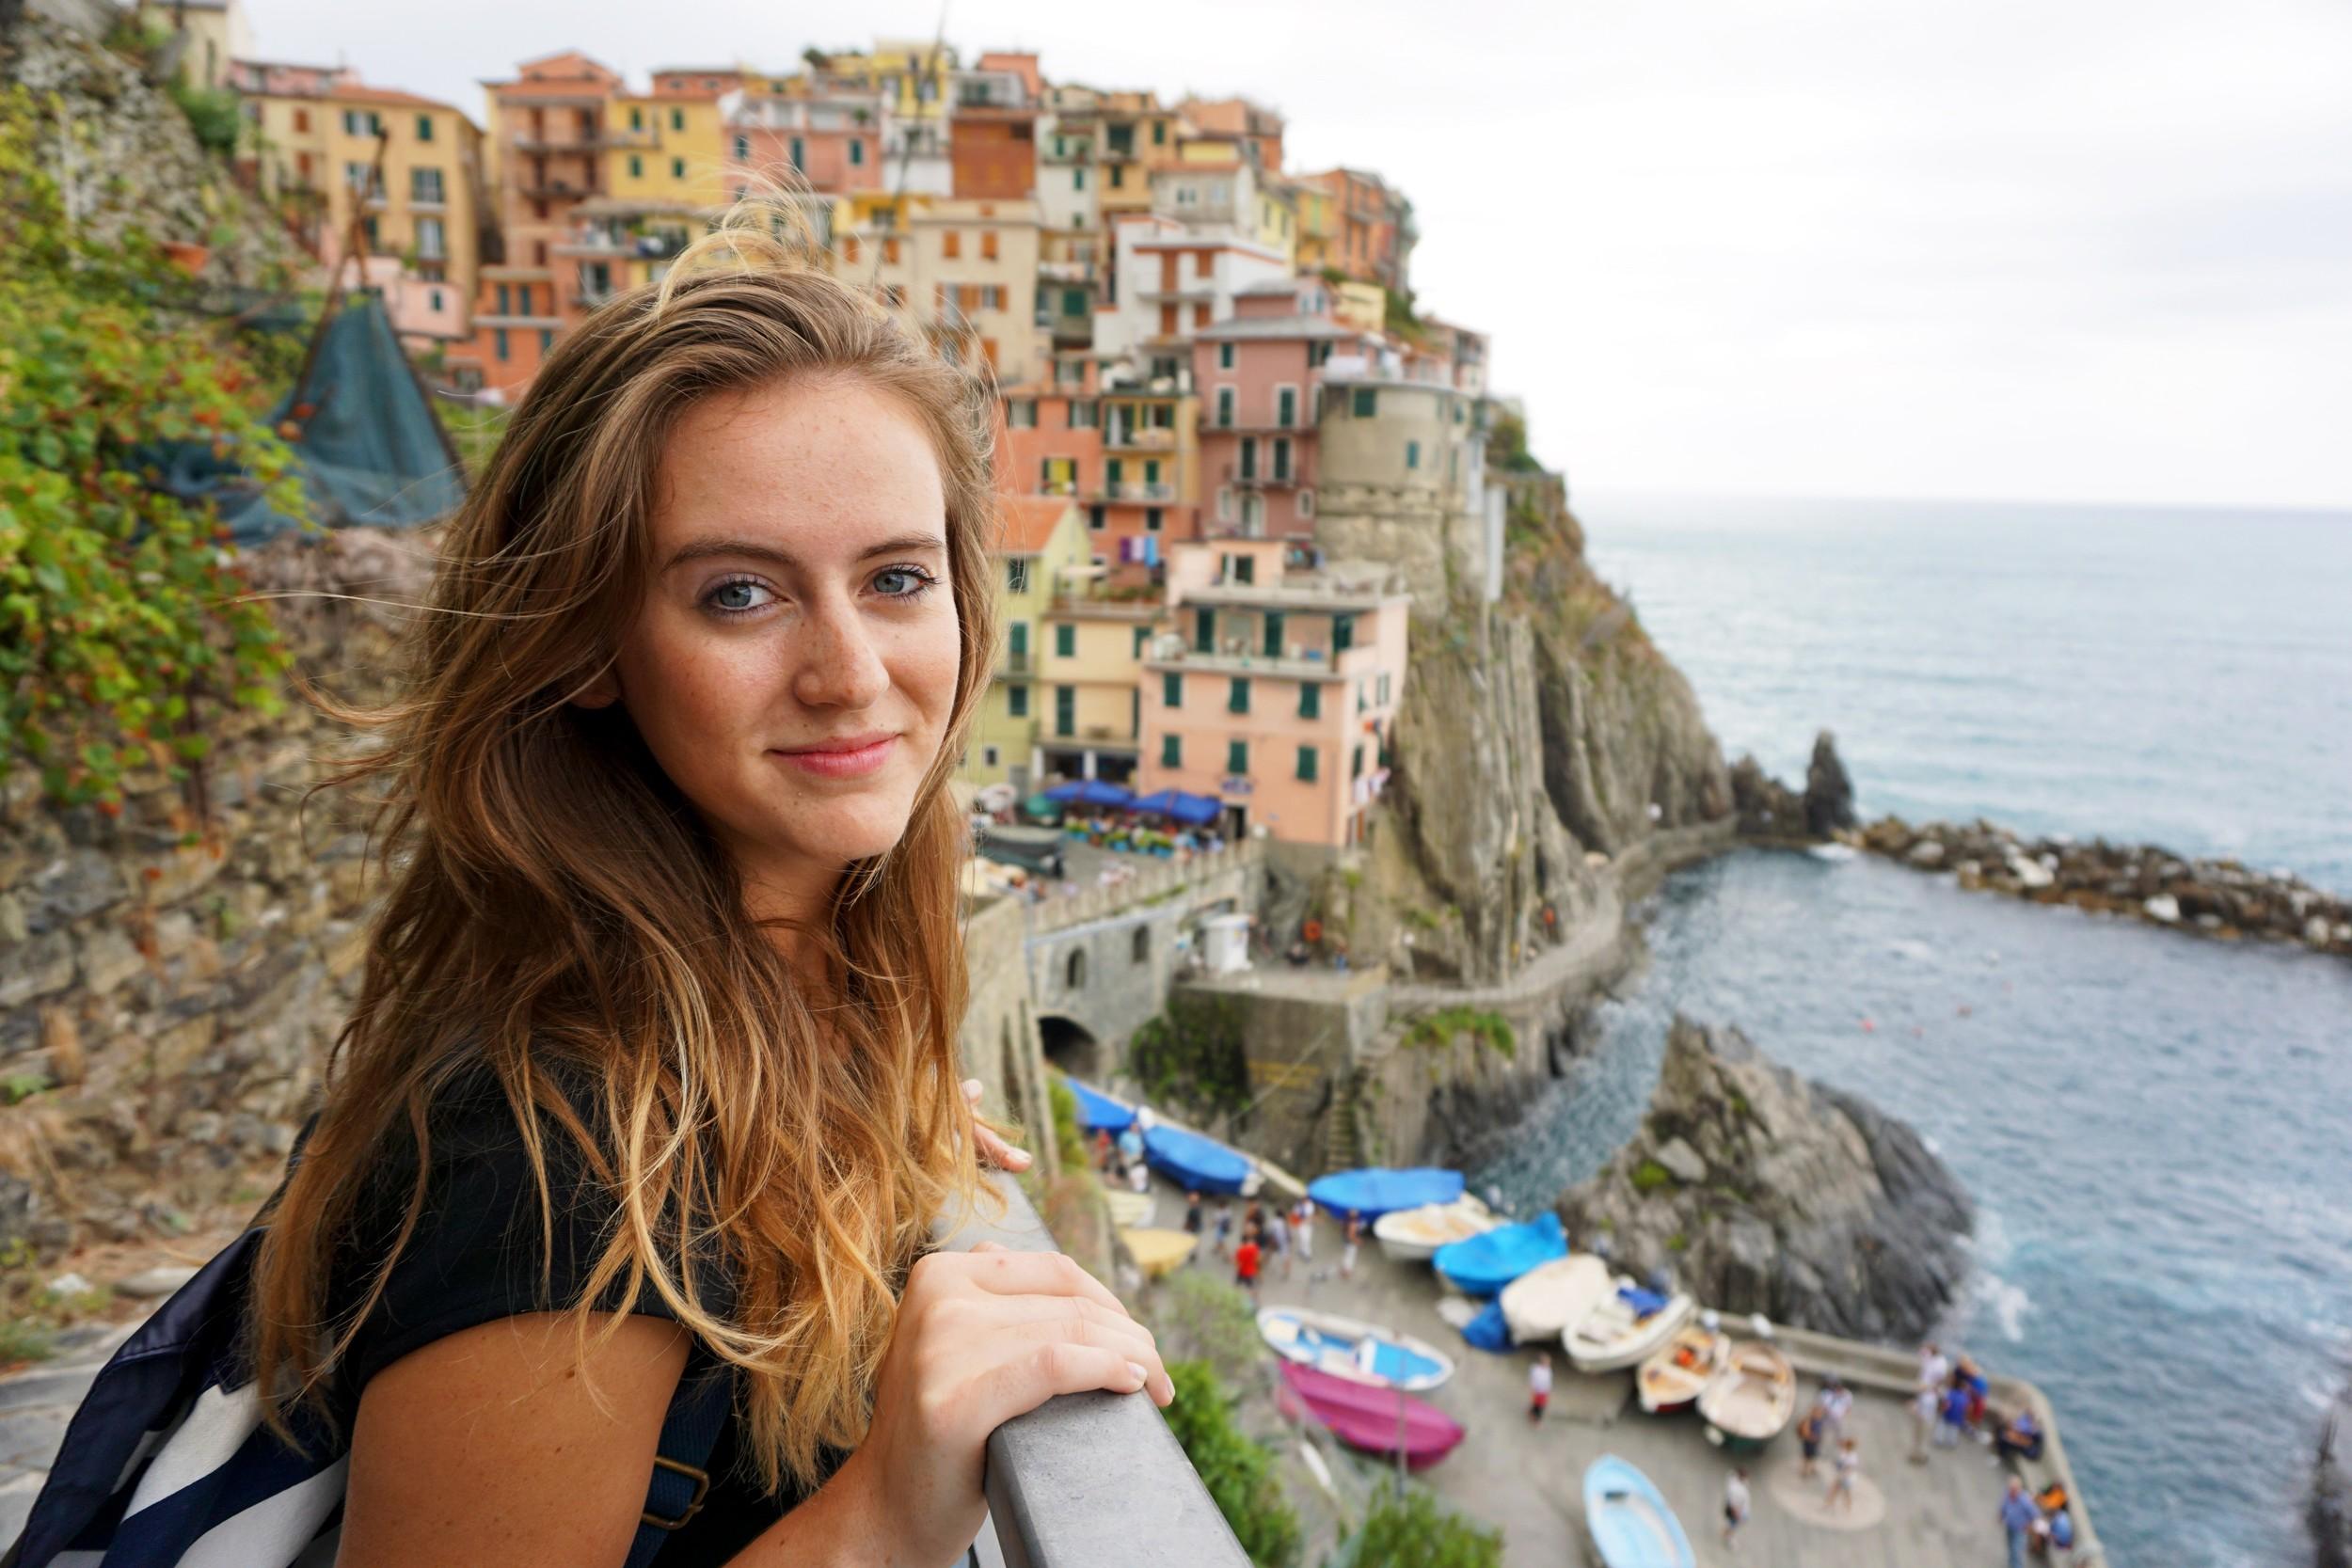 Katie Morrison at Manarola, Cinque Terre, Italy.